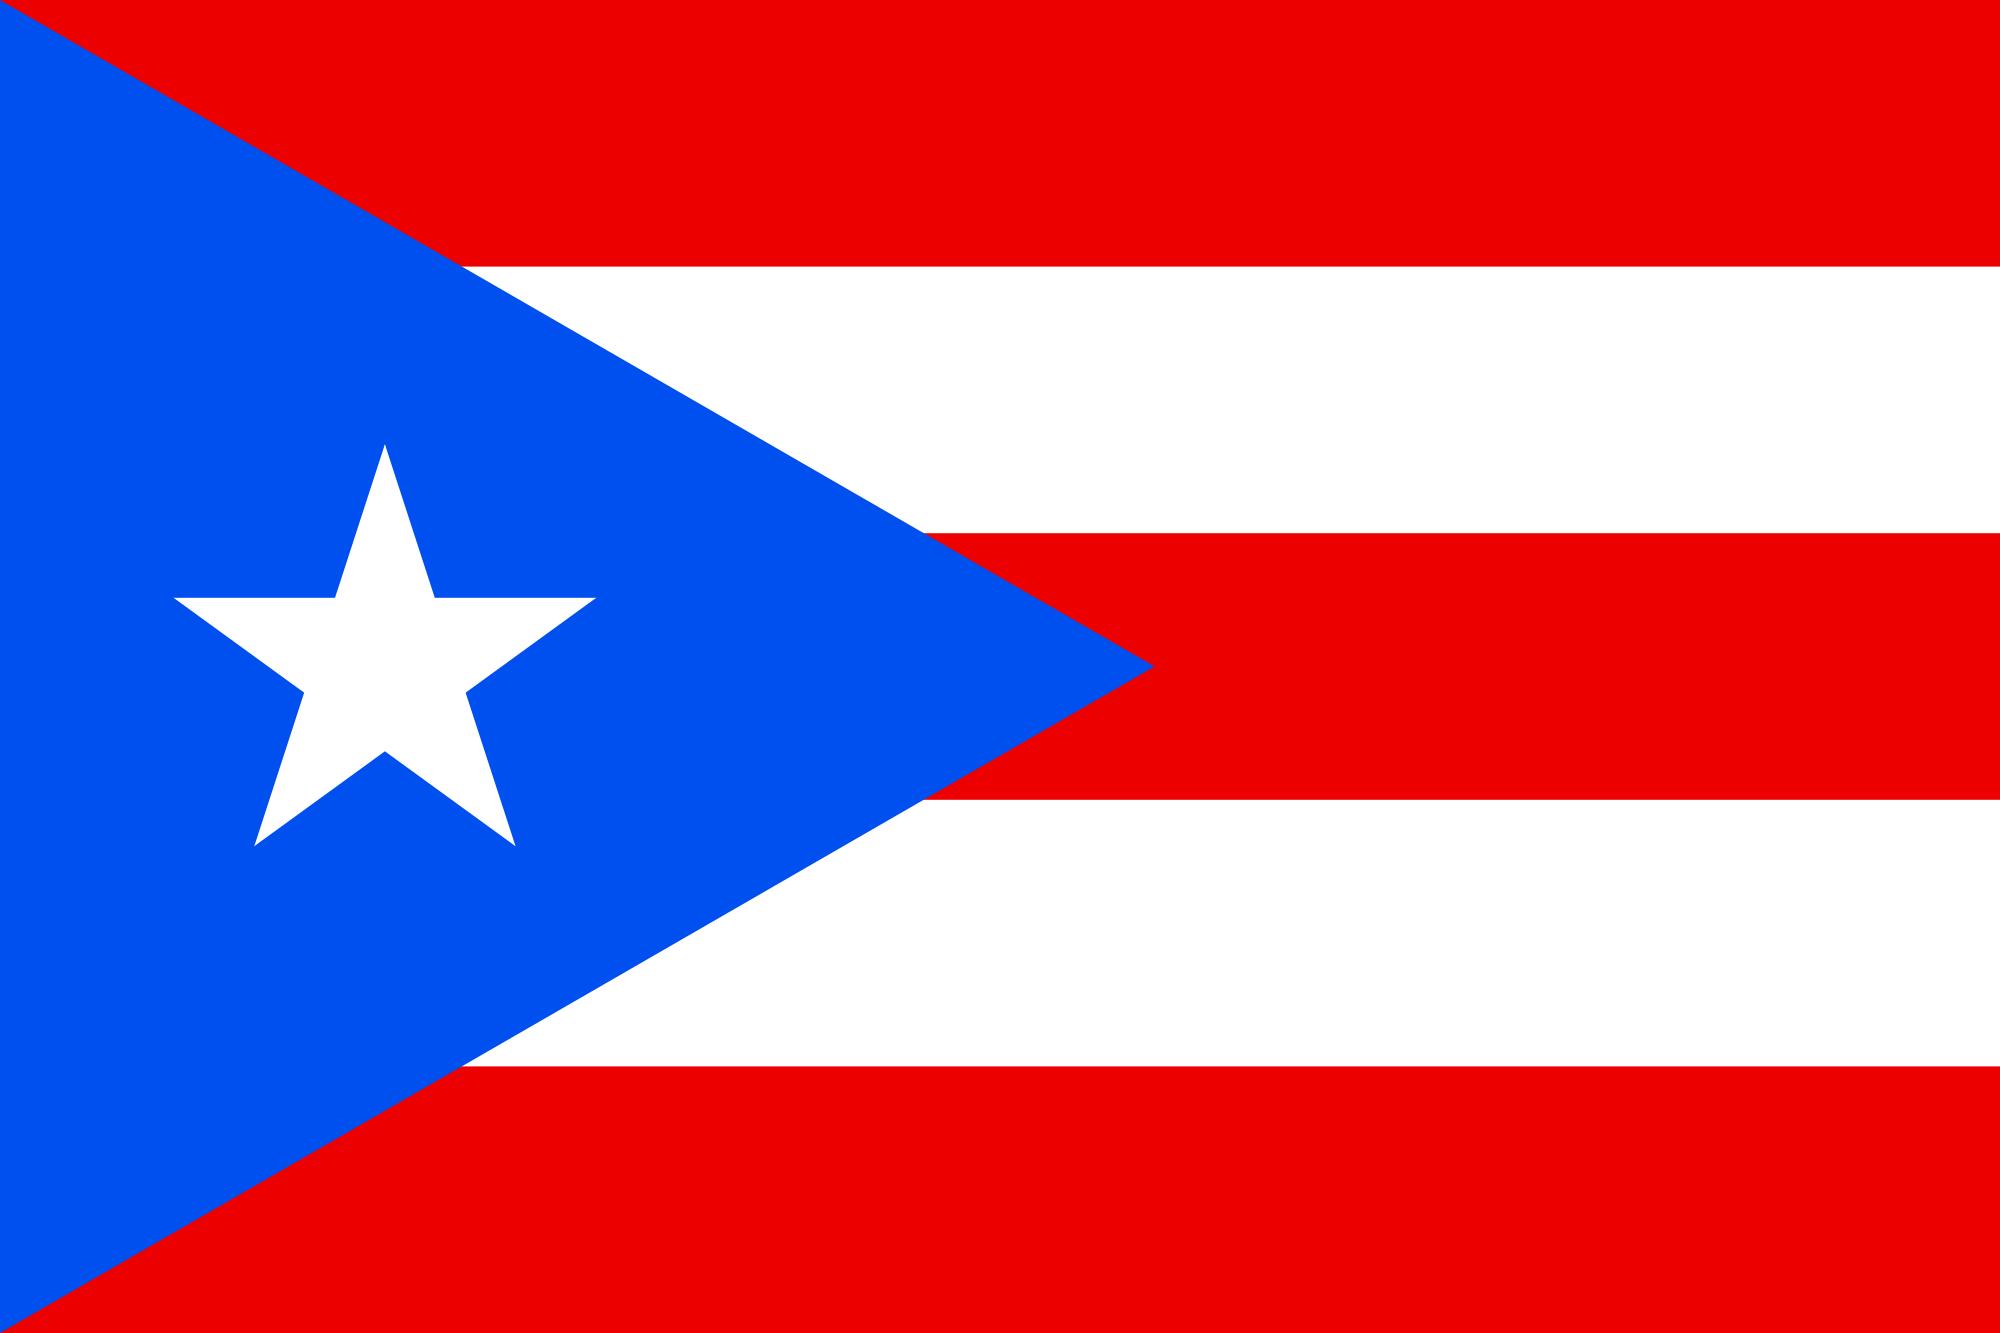 Porto Rico, pays, emblème, logo, symbole - Fonds d'écran HD - Professor-falken.com